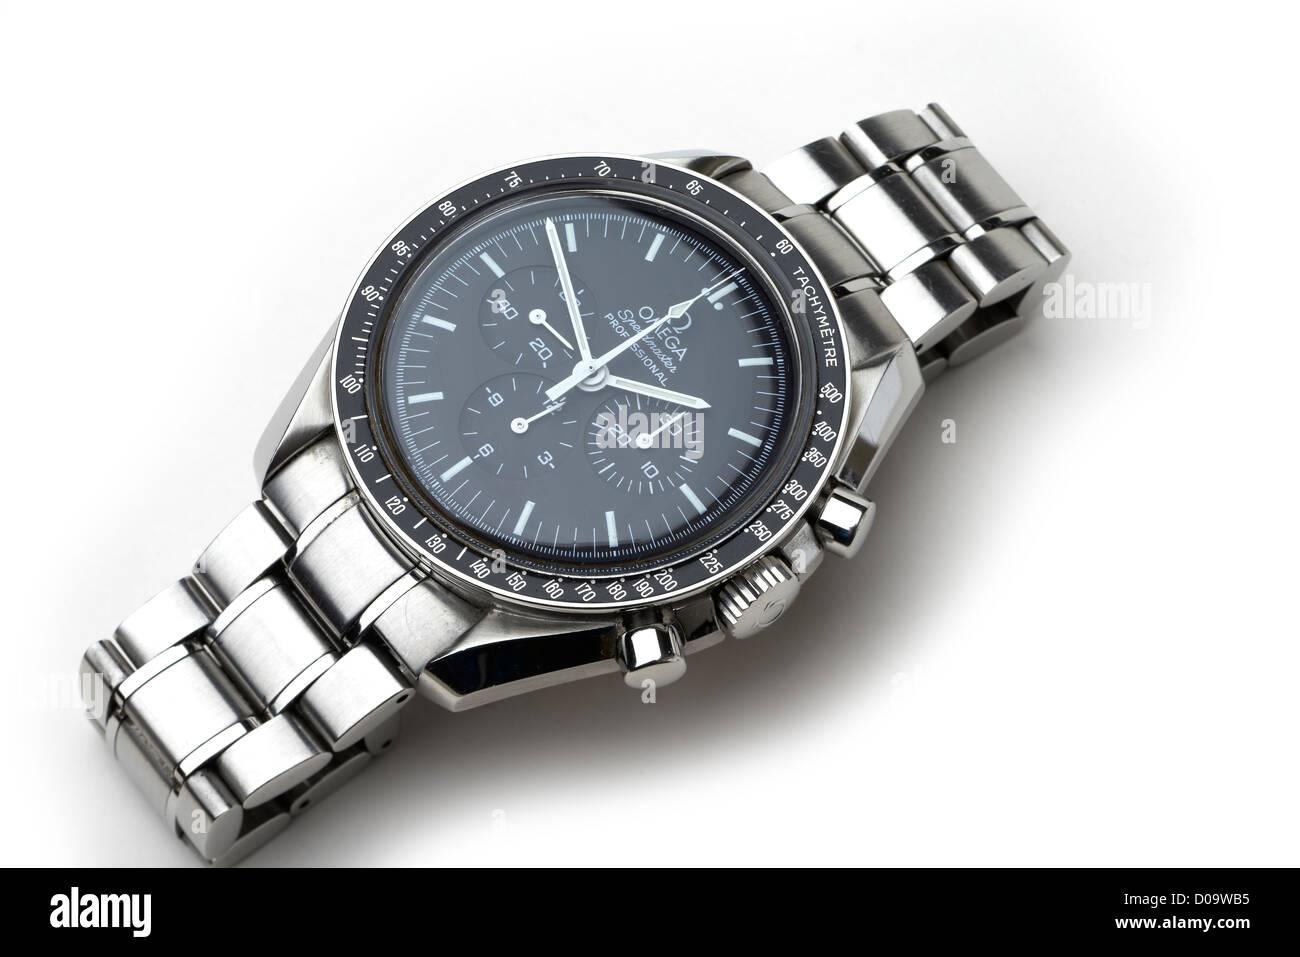 Omega Moon Watch Speedmaster 1960's The First Watch Worn ...